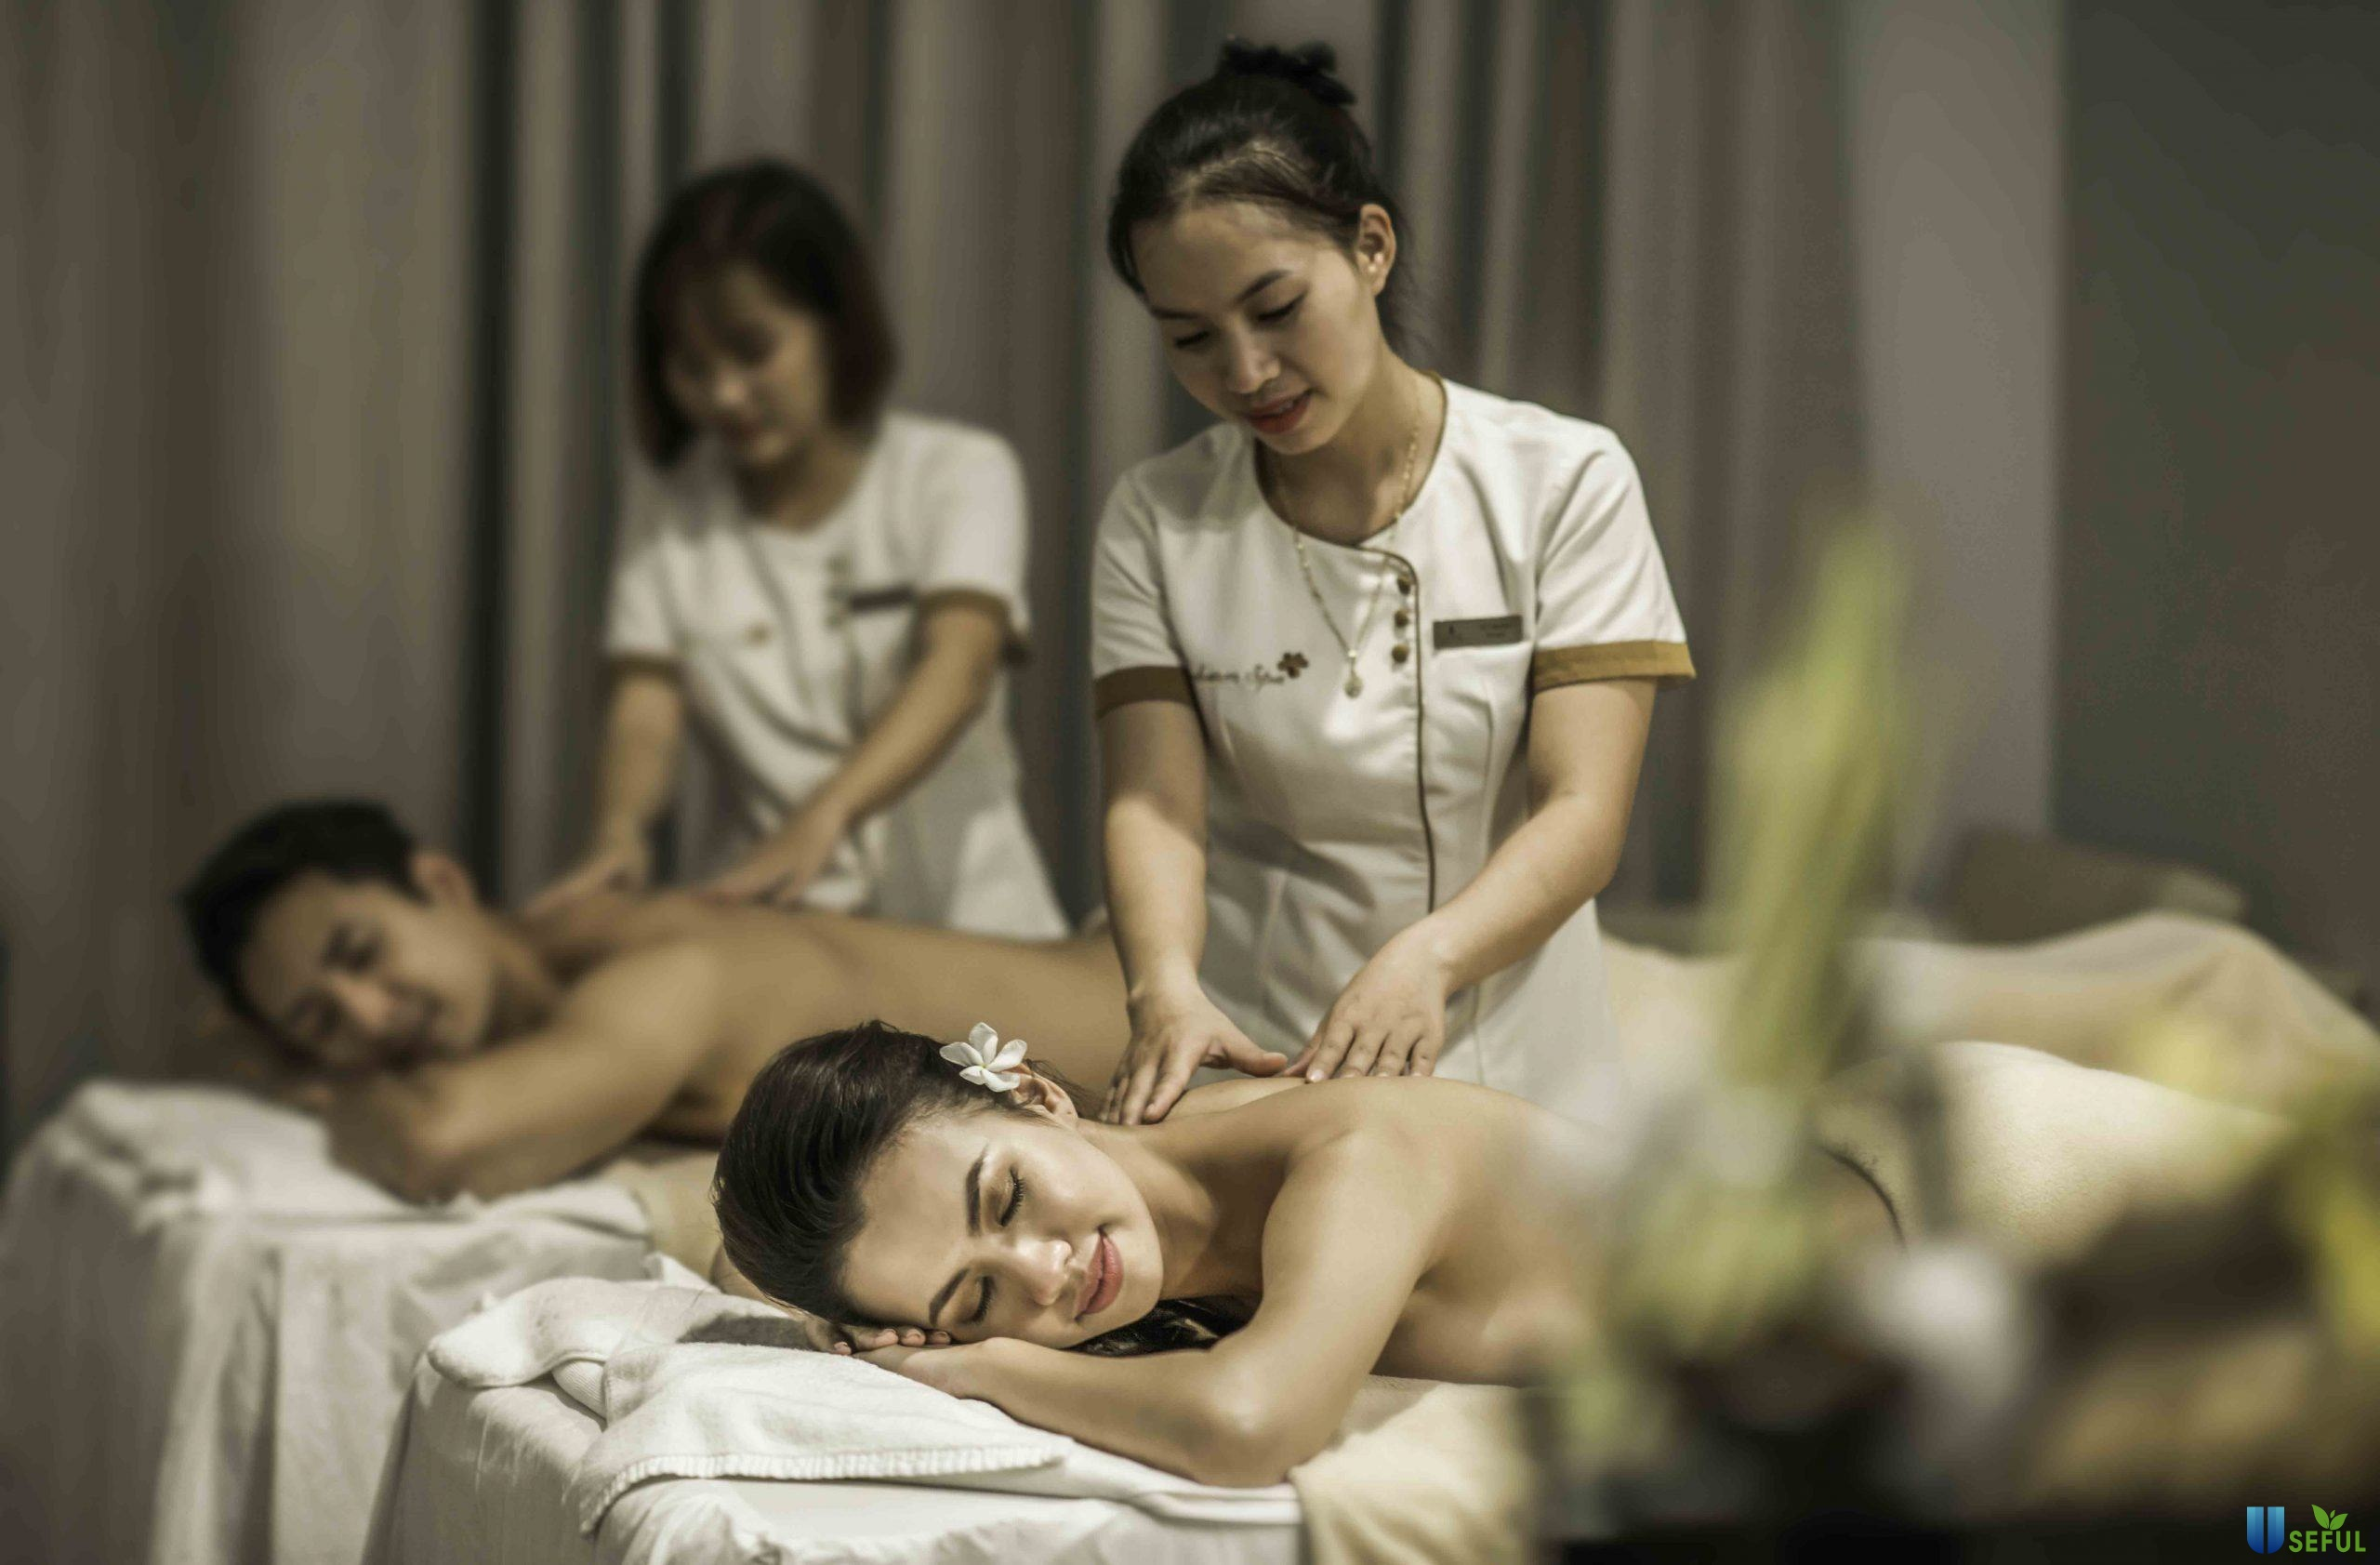 Massage và xông hơi sang trọng